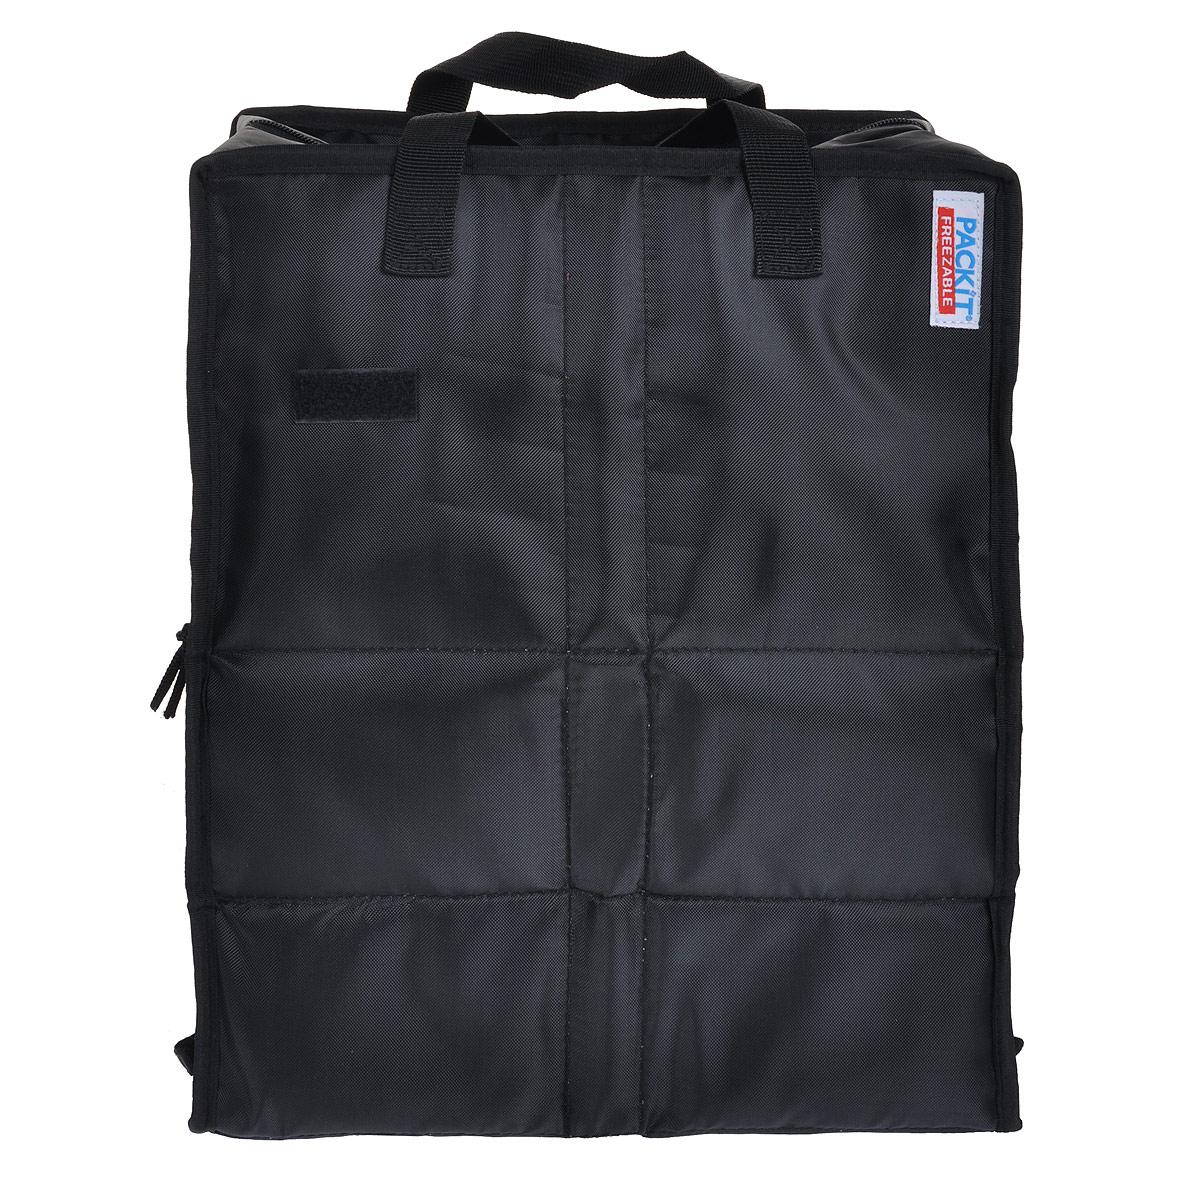 Сумка хозяйственная PACKIT Shop Cooler, изотермическая, цвет: черный. PKT-SH-BLAS03301004Хозяйственная сумка PACKIT Shop Cooler выполнена их 100% полиэстера (PVC- & BPA free). Обладает изотермическими свойствами. Внутрь сумки вшит специальный охлаждающий гель, который способен сохранить холод до 6 часов (в зависимости от внешней температуры). Поэтому в такой сумке можно переносить мясо, молочные продукты, фрукты, замороженные овощи; даже в жаркую погоду продукты останутся свежими. Внутри не содержится перегородок, продукты охлаждаются со всех сторон. Изделие водонепроницаемое, предотвращает попадание конденсата внутрь. Сумка закрывается на молнию, имеет две короткие ручки для переноски. Удобно складывается с помощью липучки; в сложенном виде занимает минимум места. Чтобы сумка сохраняла изотермический эффект, необходимо сложить сумку и положить в холодильник на 12 часов.Только для ручной стирки. Не стирать в посудомоечной и стиральной машине.Размер (в разложенном виде): 32 х 19 х 37,5 см.Размер (в сложенном виде): 20 х 17 х 12 см.Возврат товара возможен только через сервисный центр.Гарантийный центр: м. ВДНХ, Ботанический сад129223, г. Москва, Проспект Мира, 119, ВВЦ, строение 323 +7 495 974 3494 service@omegatool.ruВремя работы сервисного центра:Пн-чт: 10.00-18.00 Пт: 10.00- 17.00 Сб, Вс: выходные дни